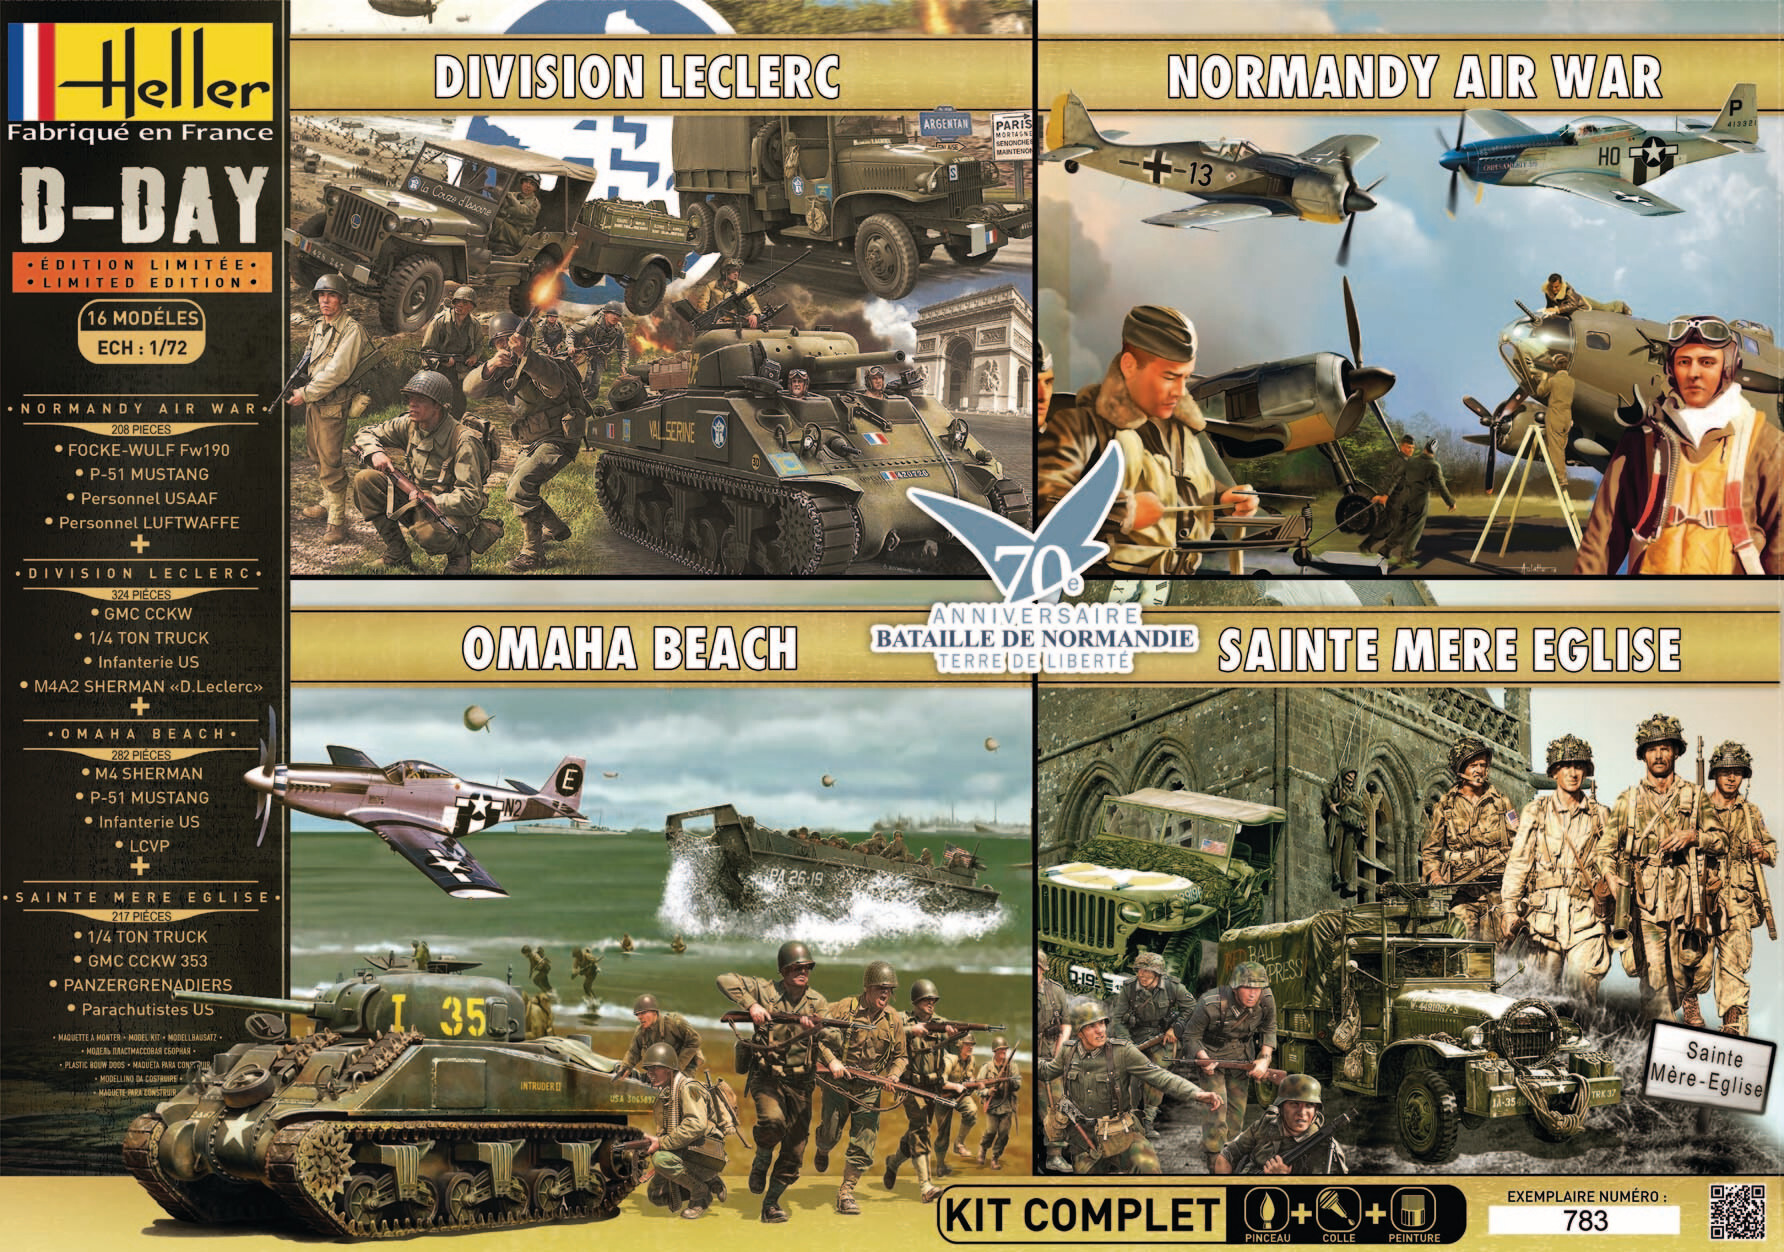 Coffret maquette édition limitée D-day - Heller